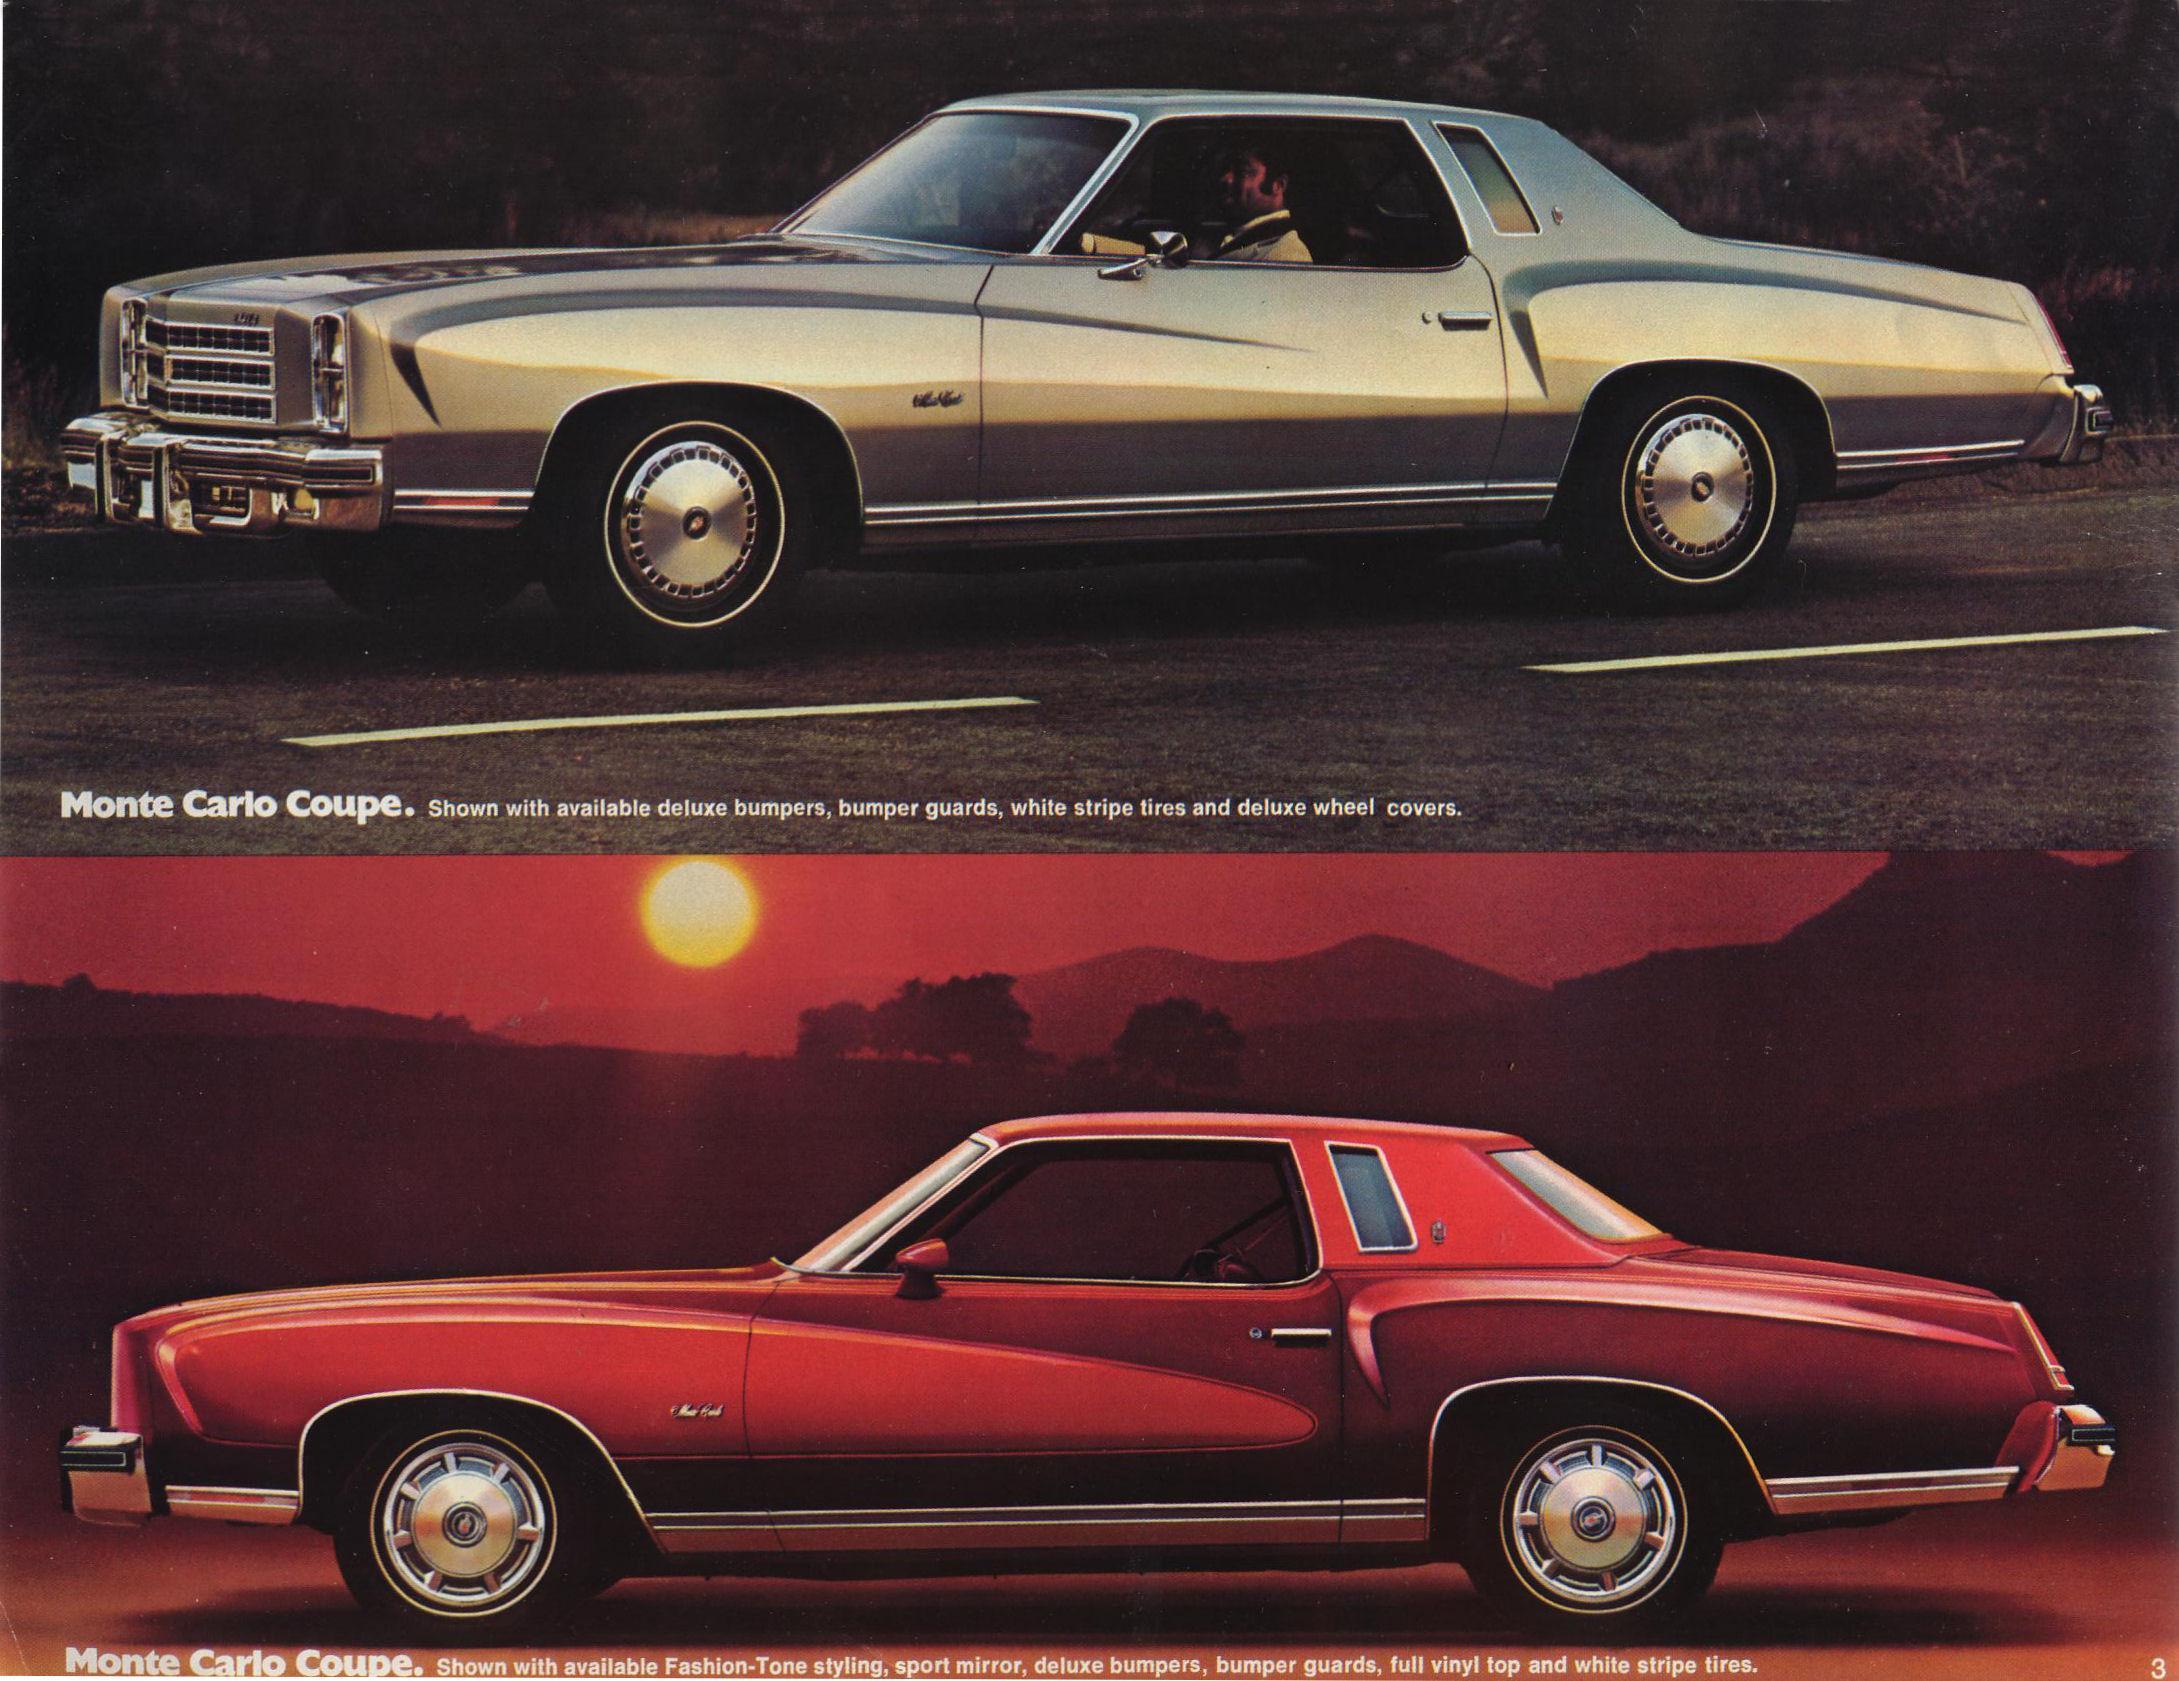 1976 Chevrolet Monte Carlo brochure